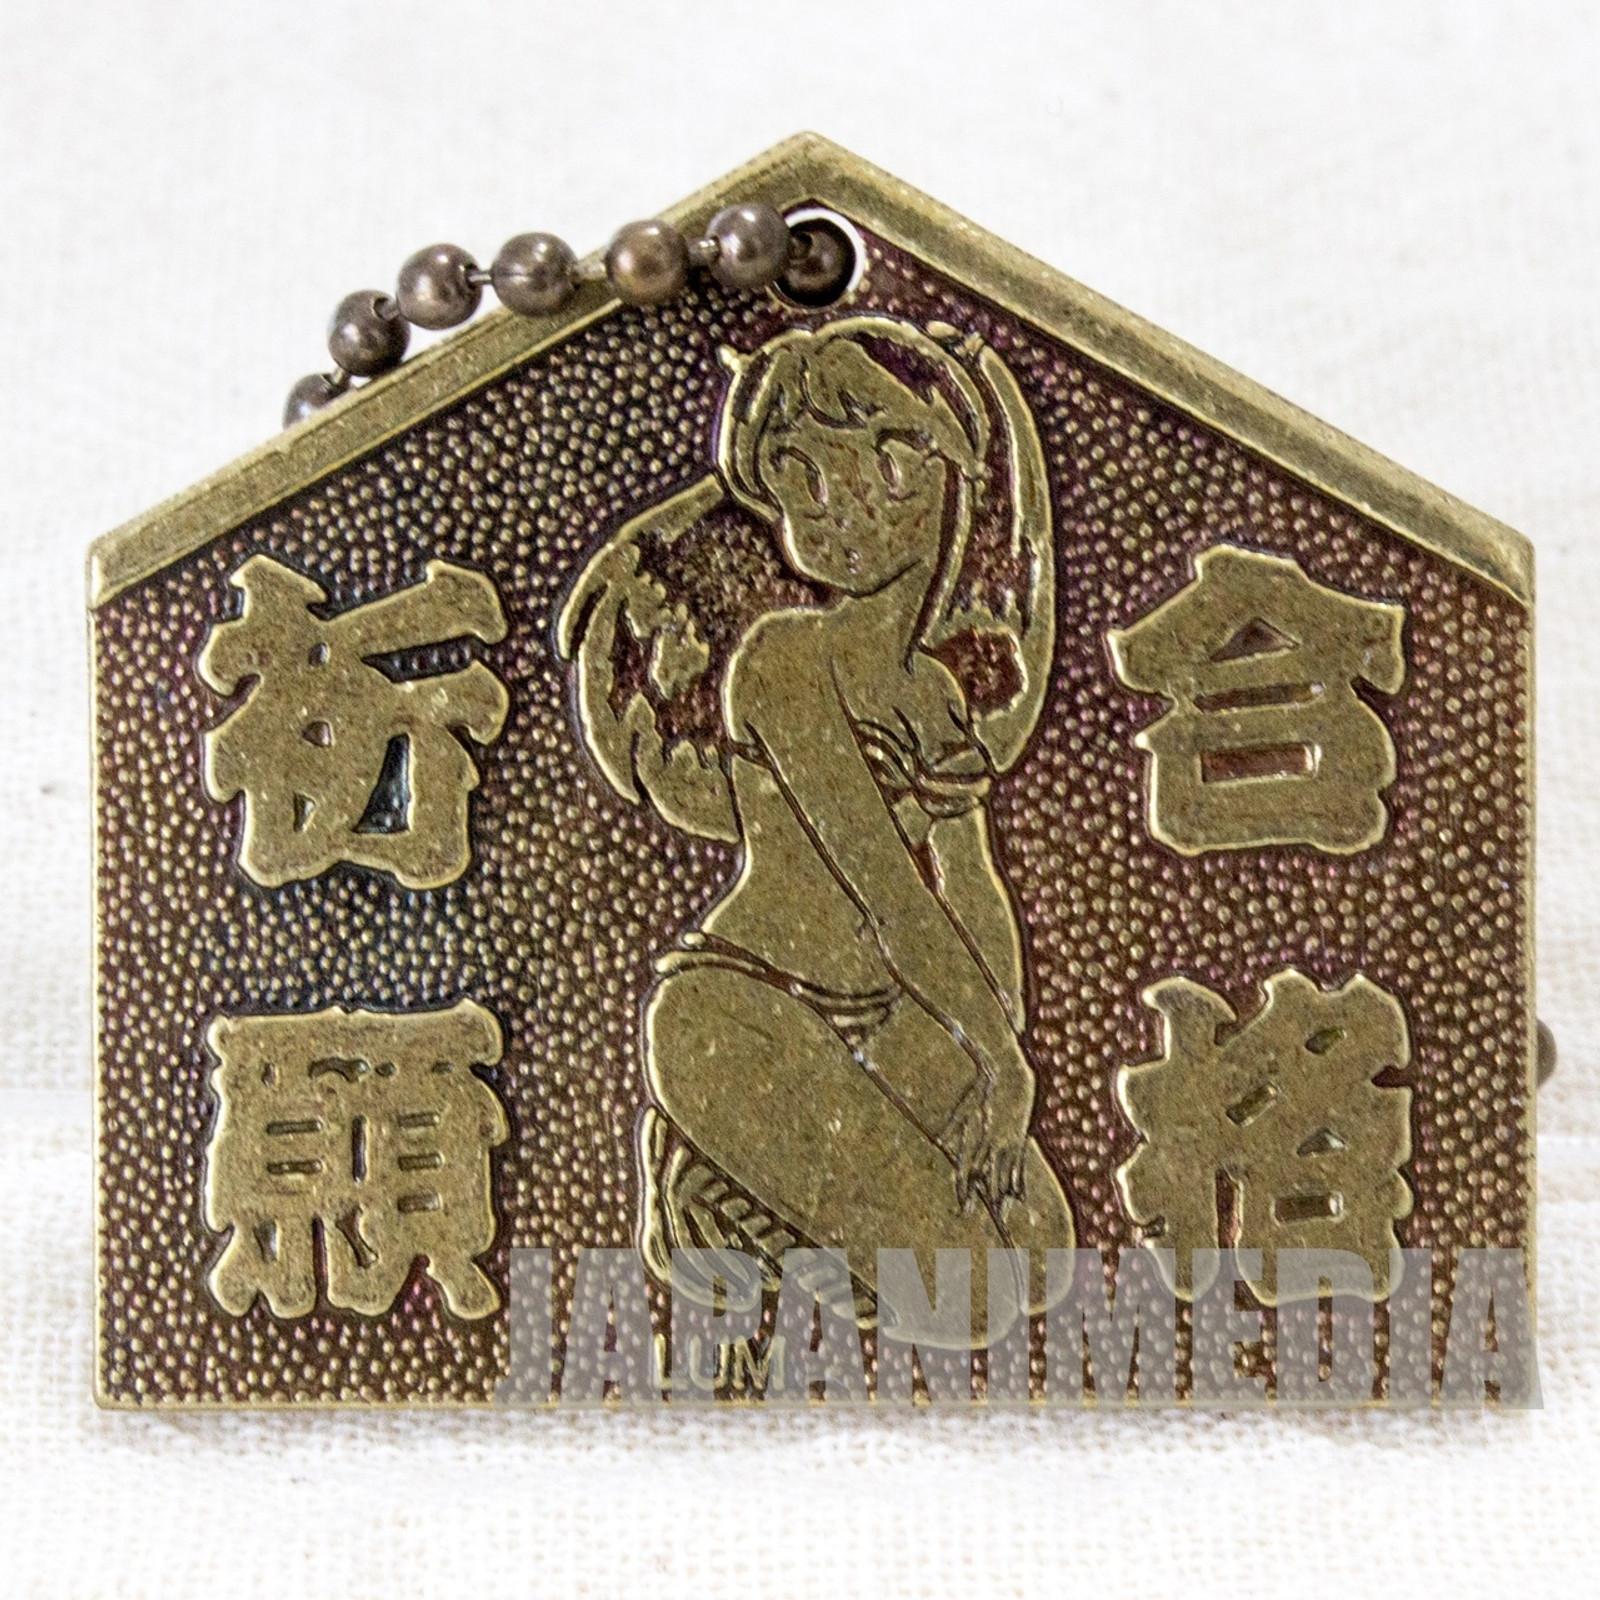 Retro RARE Urusei Yatsura Metal Mascot Keychain LUM Kotatsu Neko JAPAN